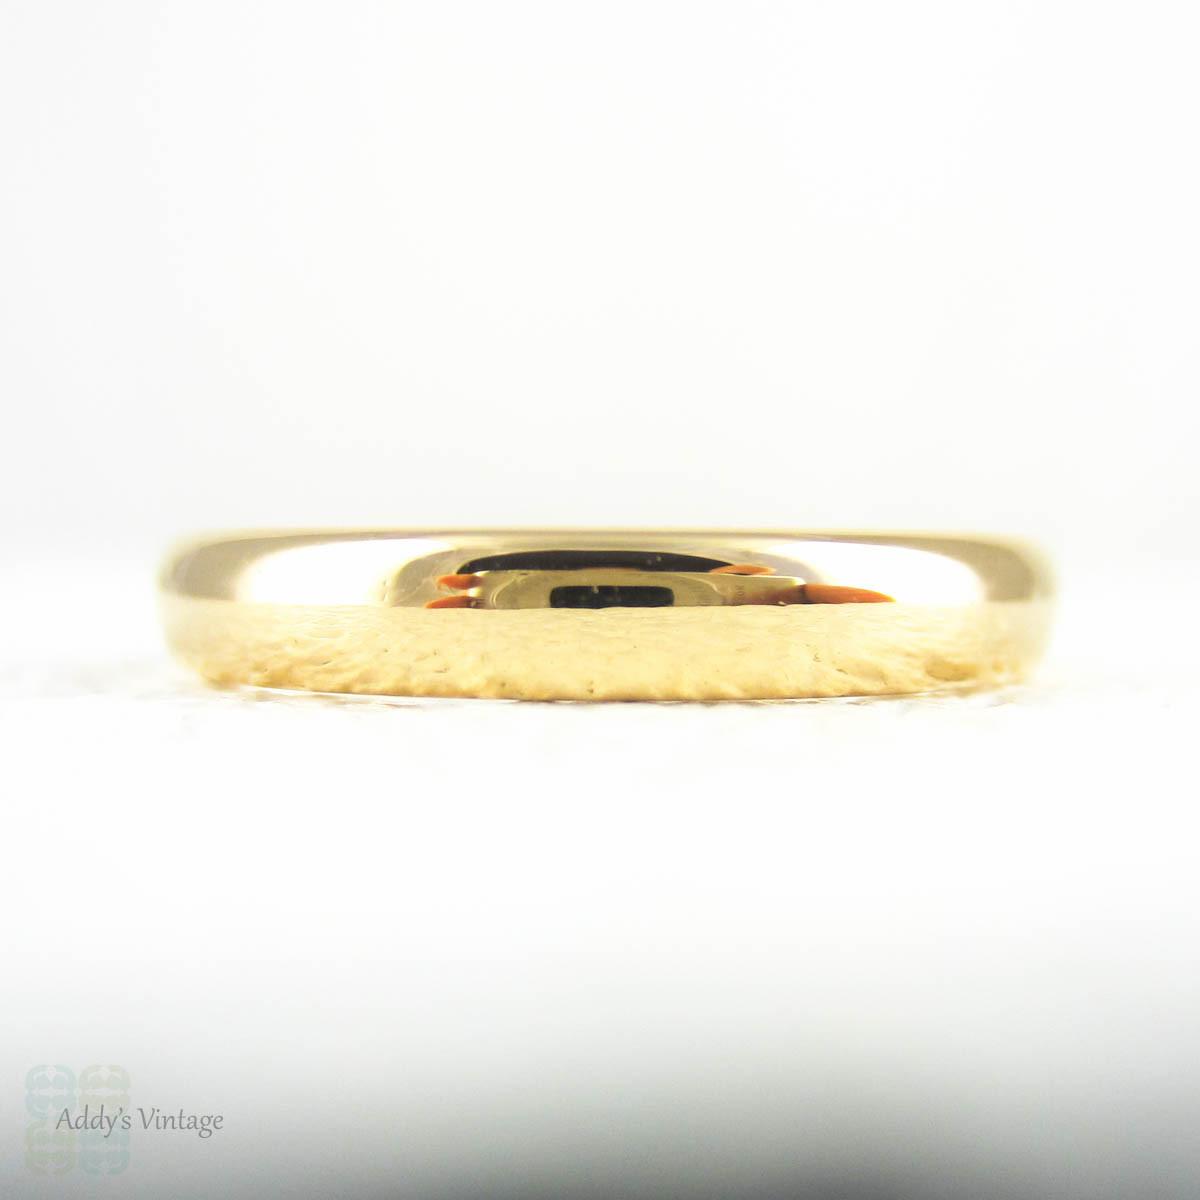 RESREVED Art Deco 22 Carat Gold Wedding Ring Court Comfort Fit